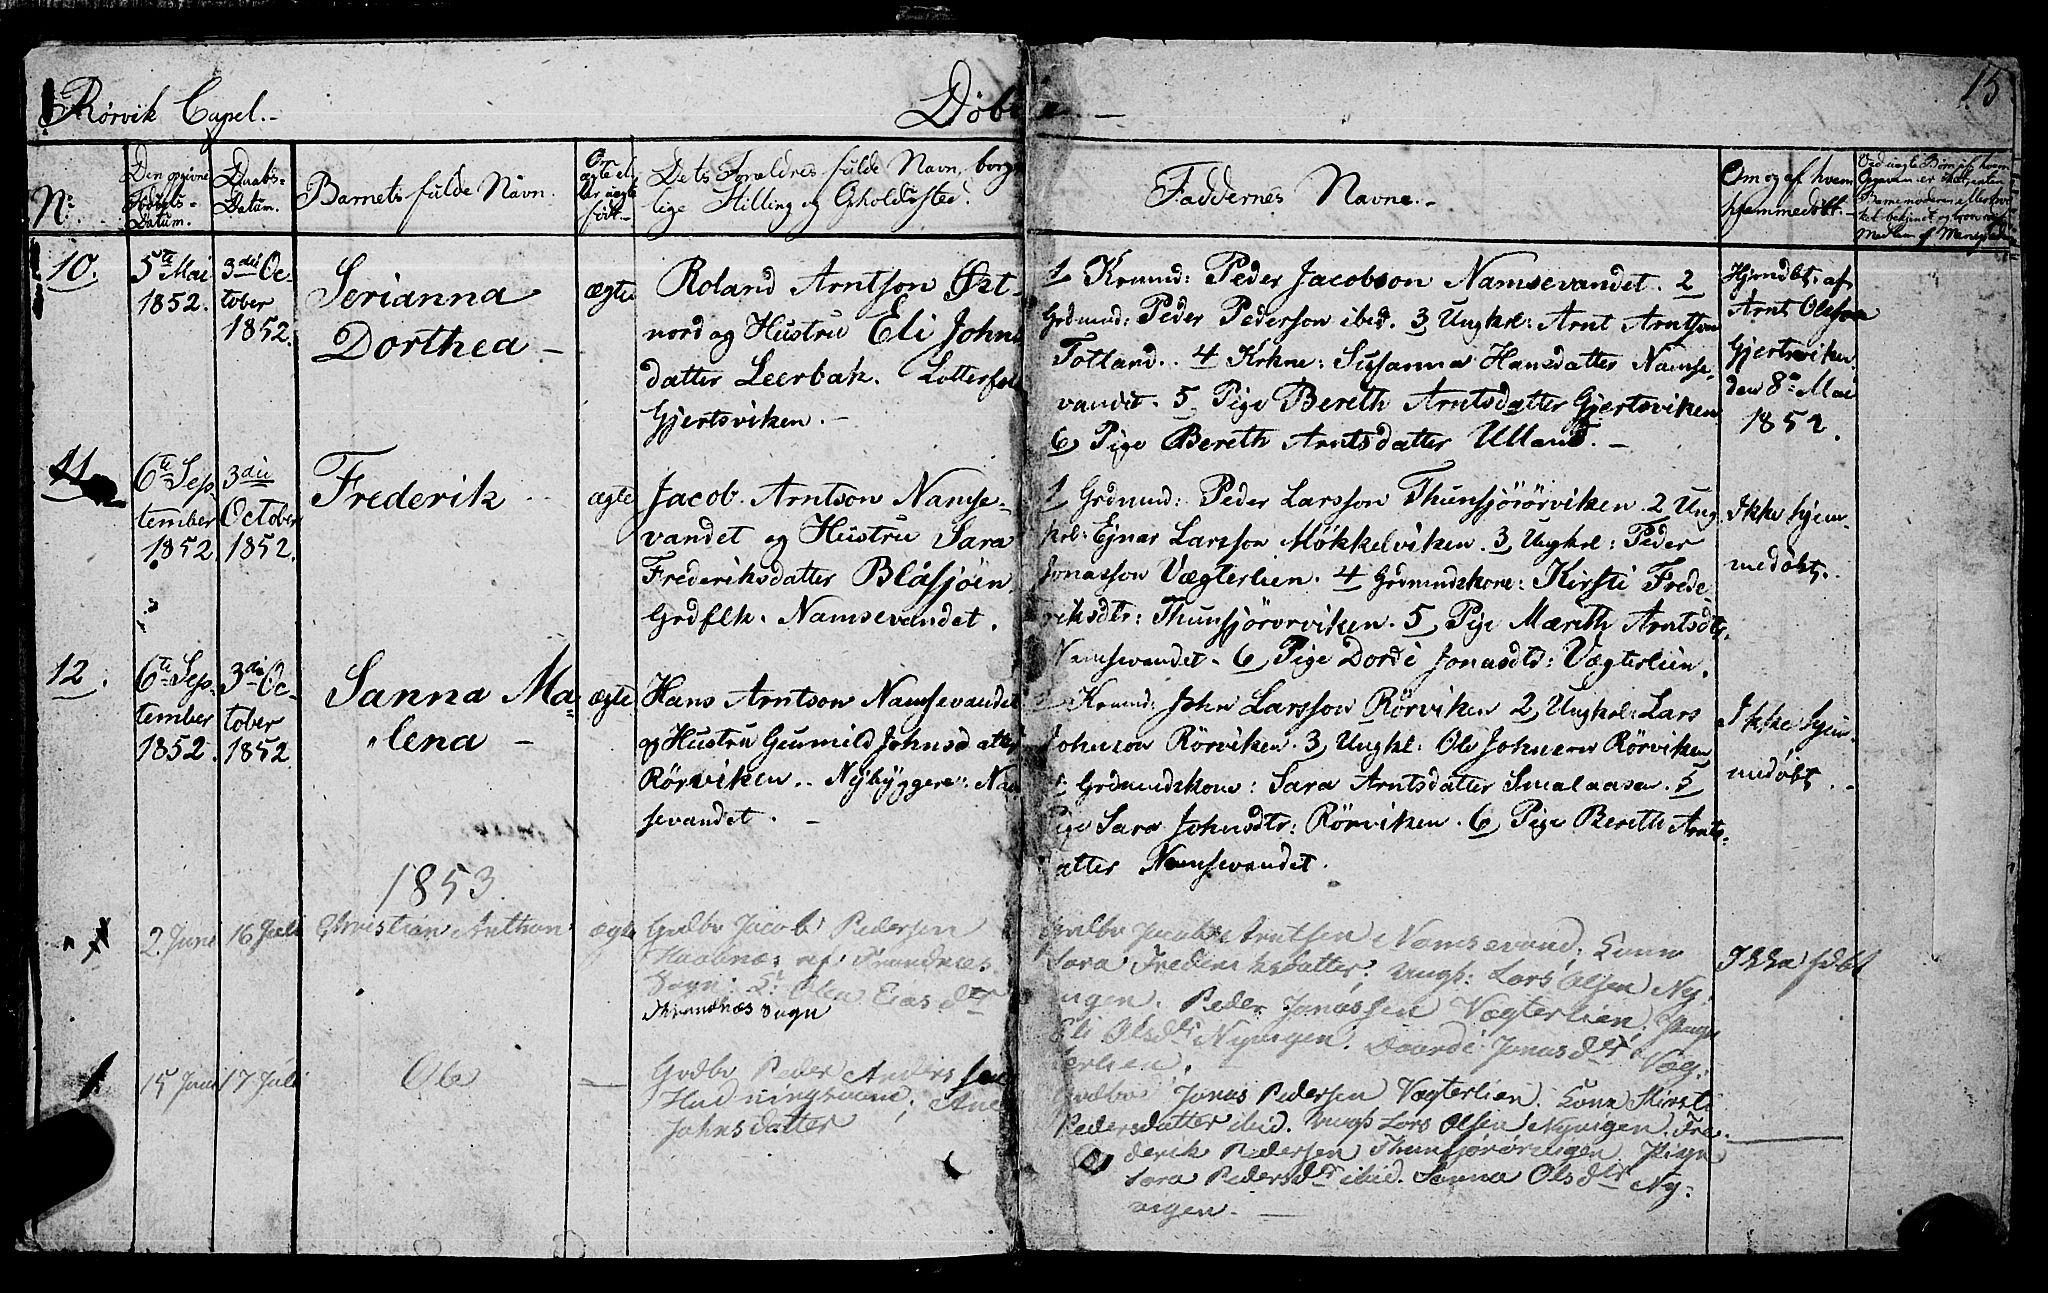 SAT, Ministerialprotokoller, klokkerbøker og fødselsregistre - Nord-Trøndelag, 762/L0538: Ministerialbok nr. 762A02 /1, 1833-1879, s. 15